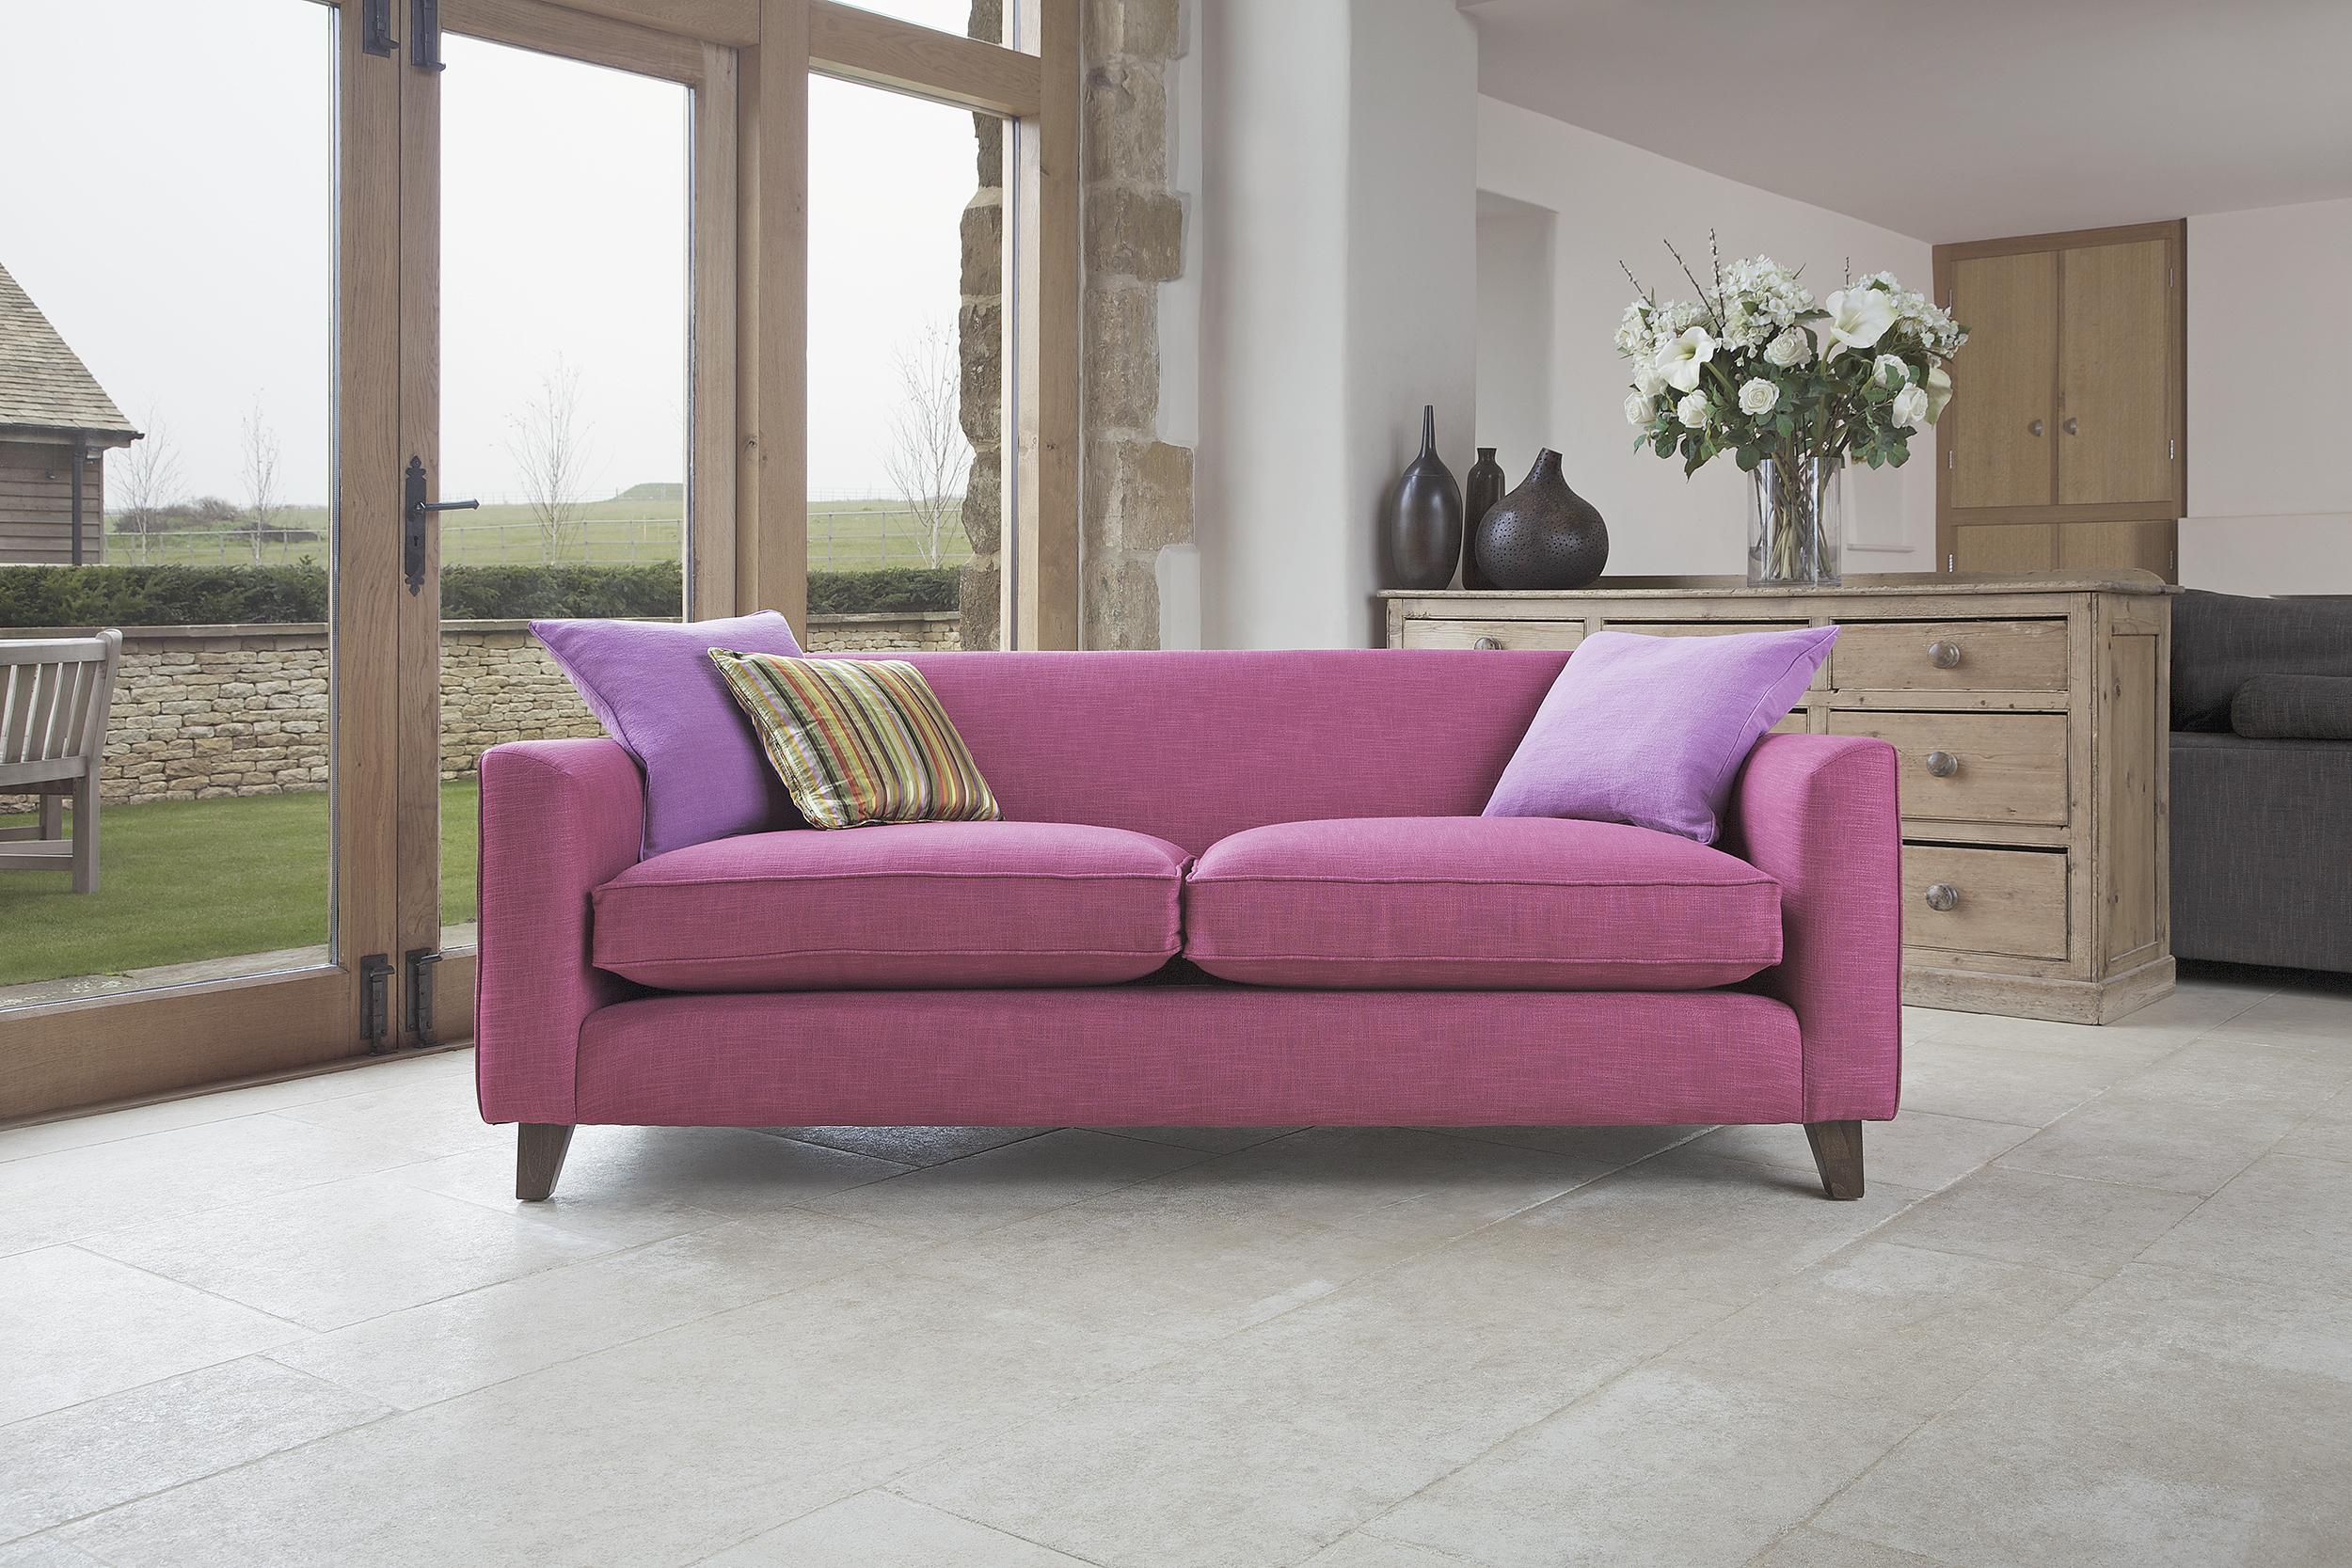 Caspa sofa, Tamarisk Designs